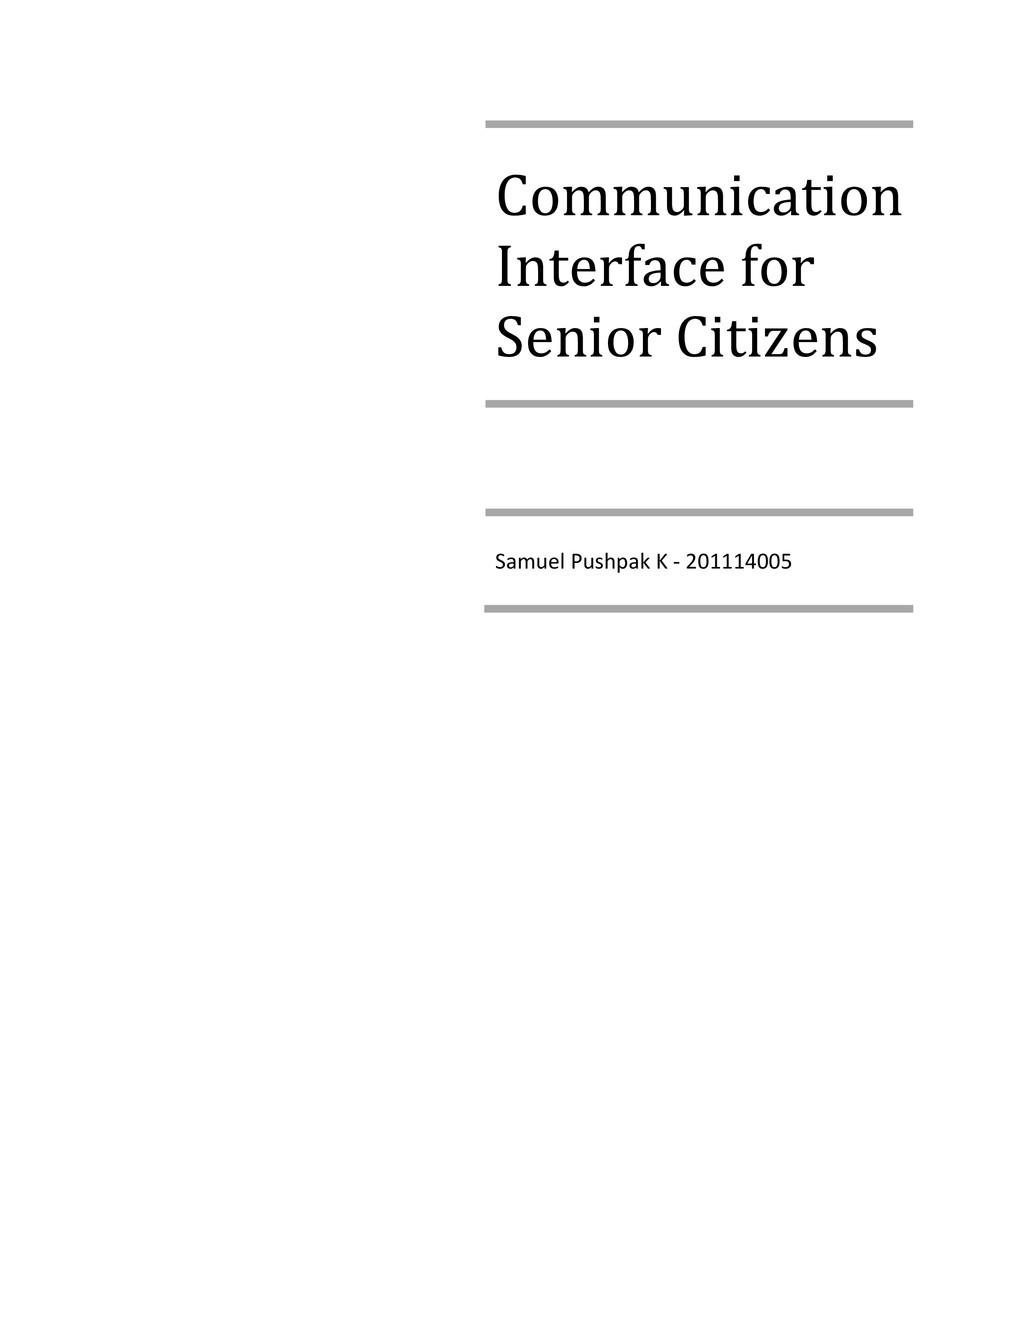 Communication Interface for Senior Citizens Sam...